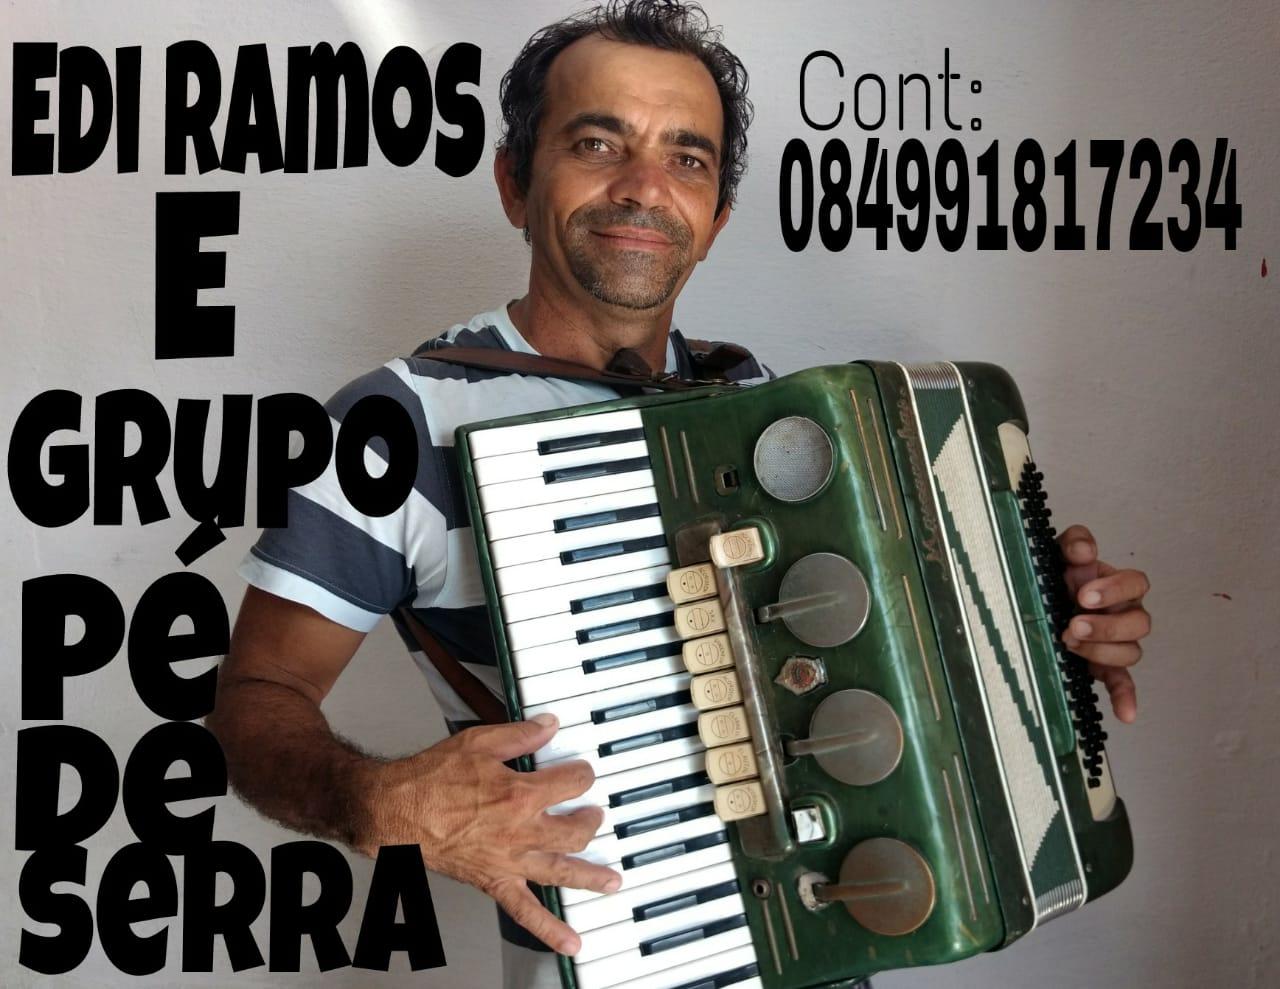 EDI RAMOS E GRUPO PÉ DE SERRA